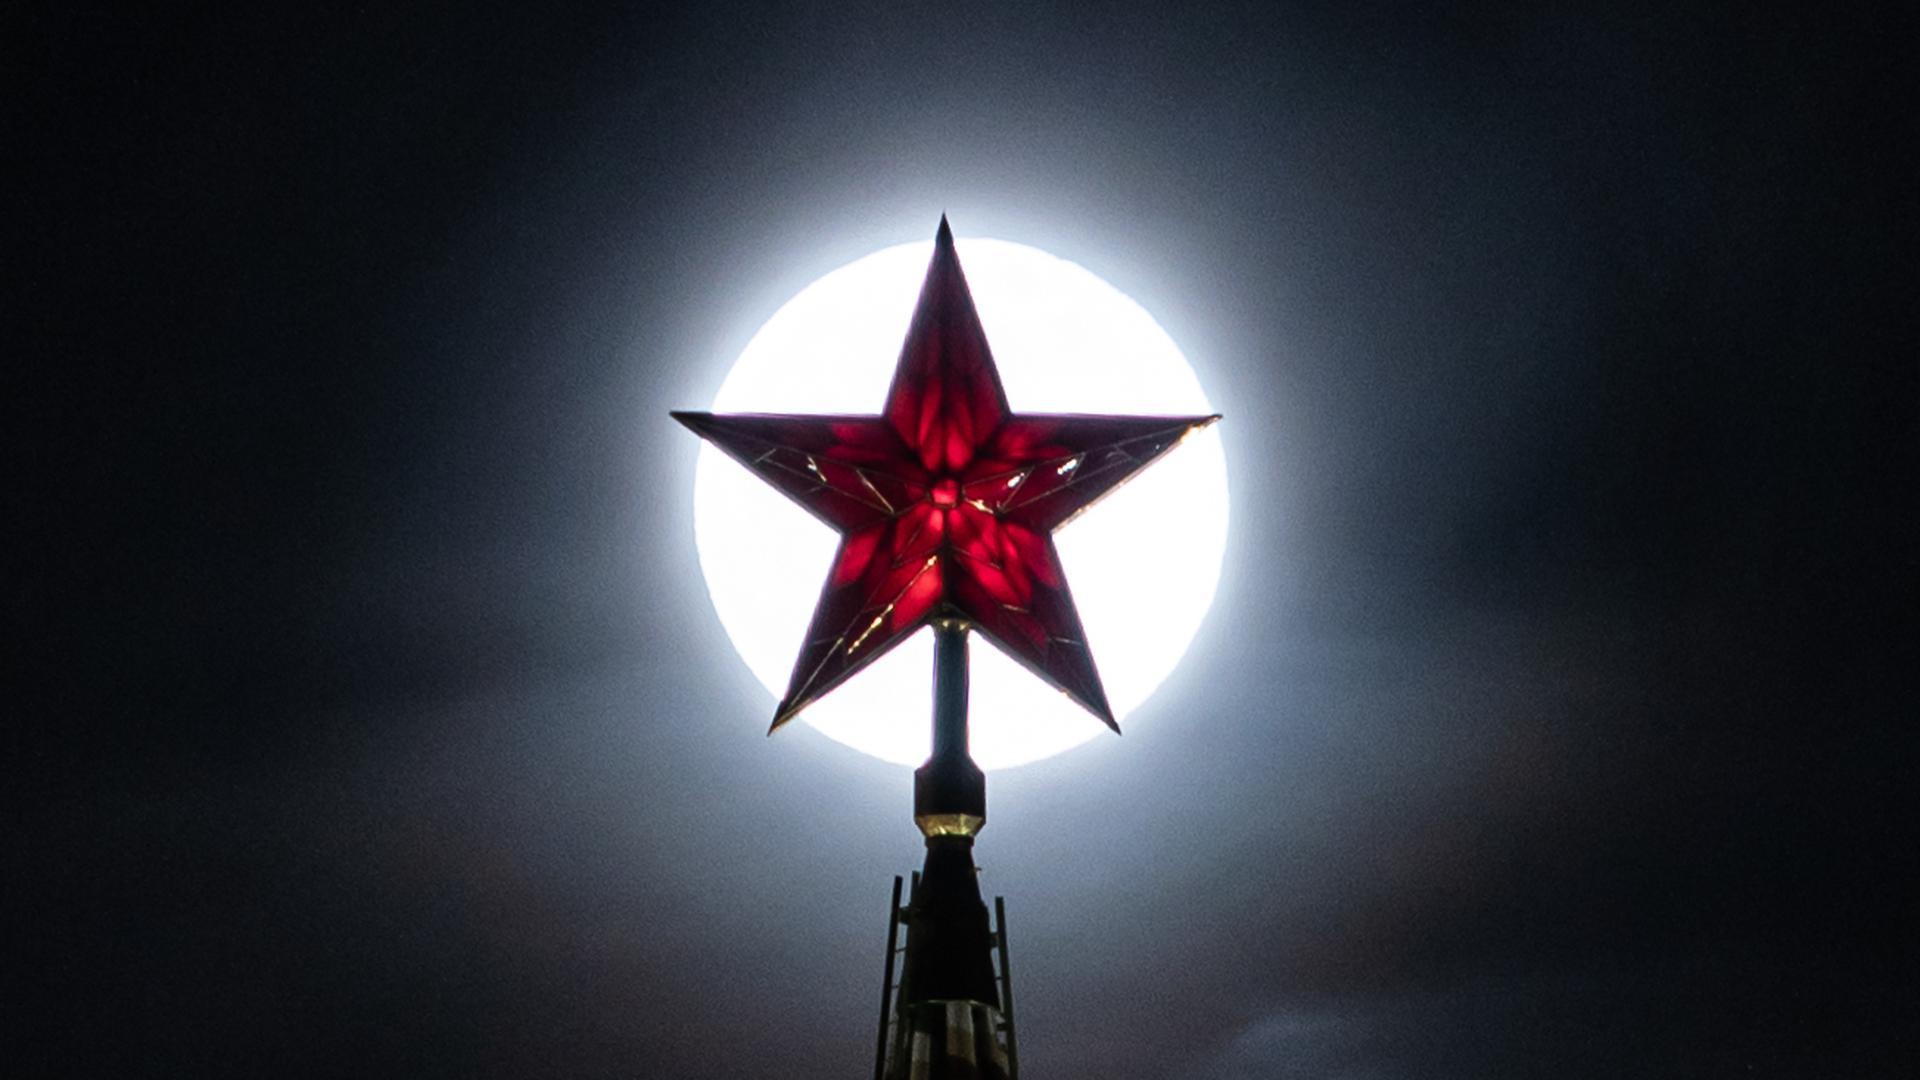 Atommacht mit globaler Strahlkraft: Unter dem machtbewussten Präsidenten Wladimir Putin mischt der Kreml auf vielen wichtigen geopolitischen Bühnen mit.